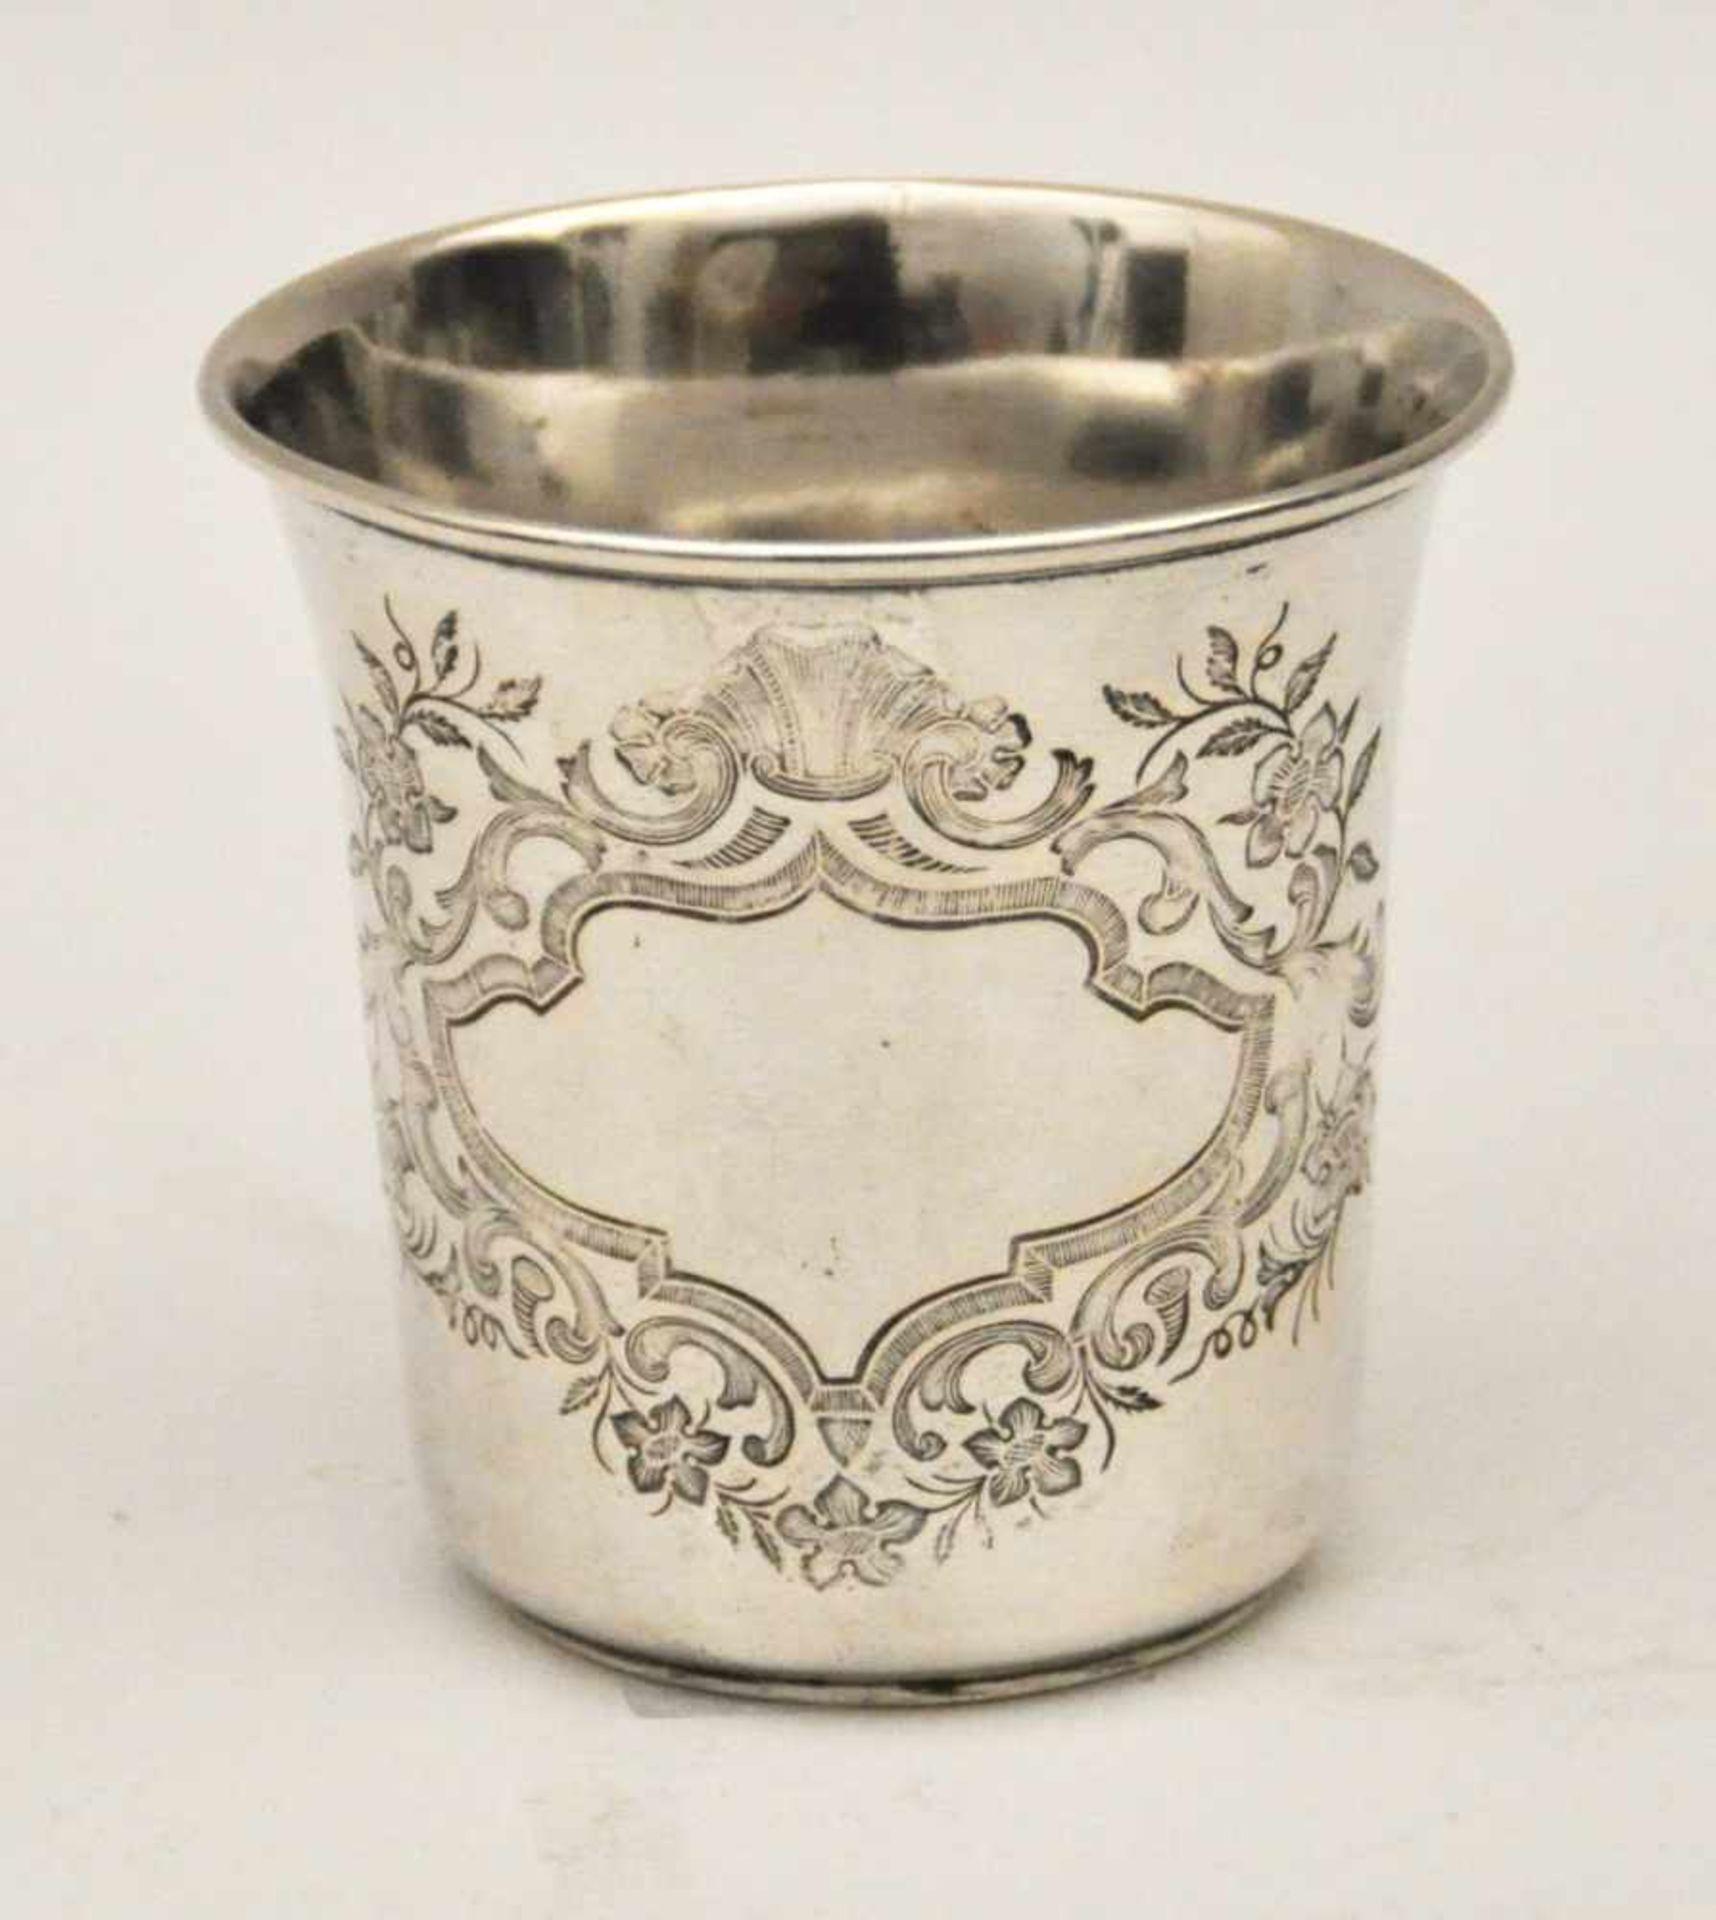 Kidduschbecher, Deutsch um 1860Ziselierter Becher, Silber 12 lötig, Gew. 40 g, Höhe 6,5 cm